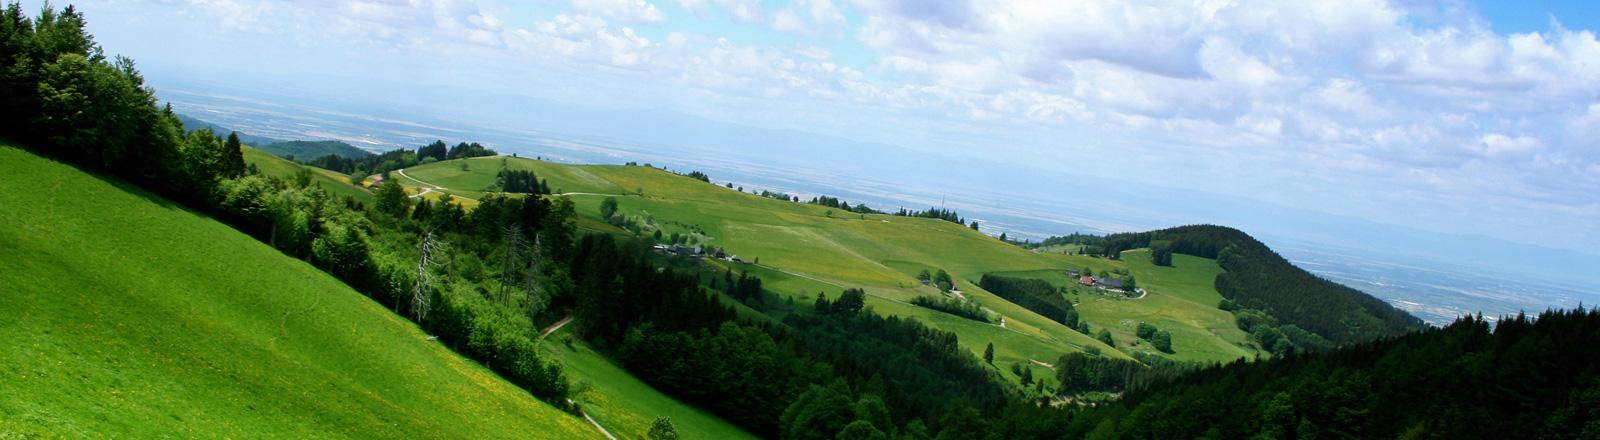 Blick über Hügel mit Wald und grünen Wiesen.